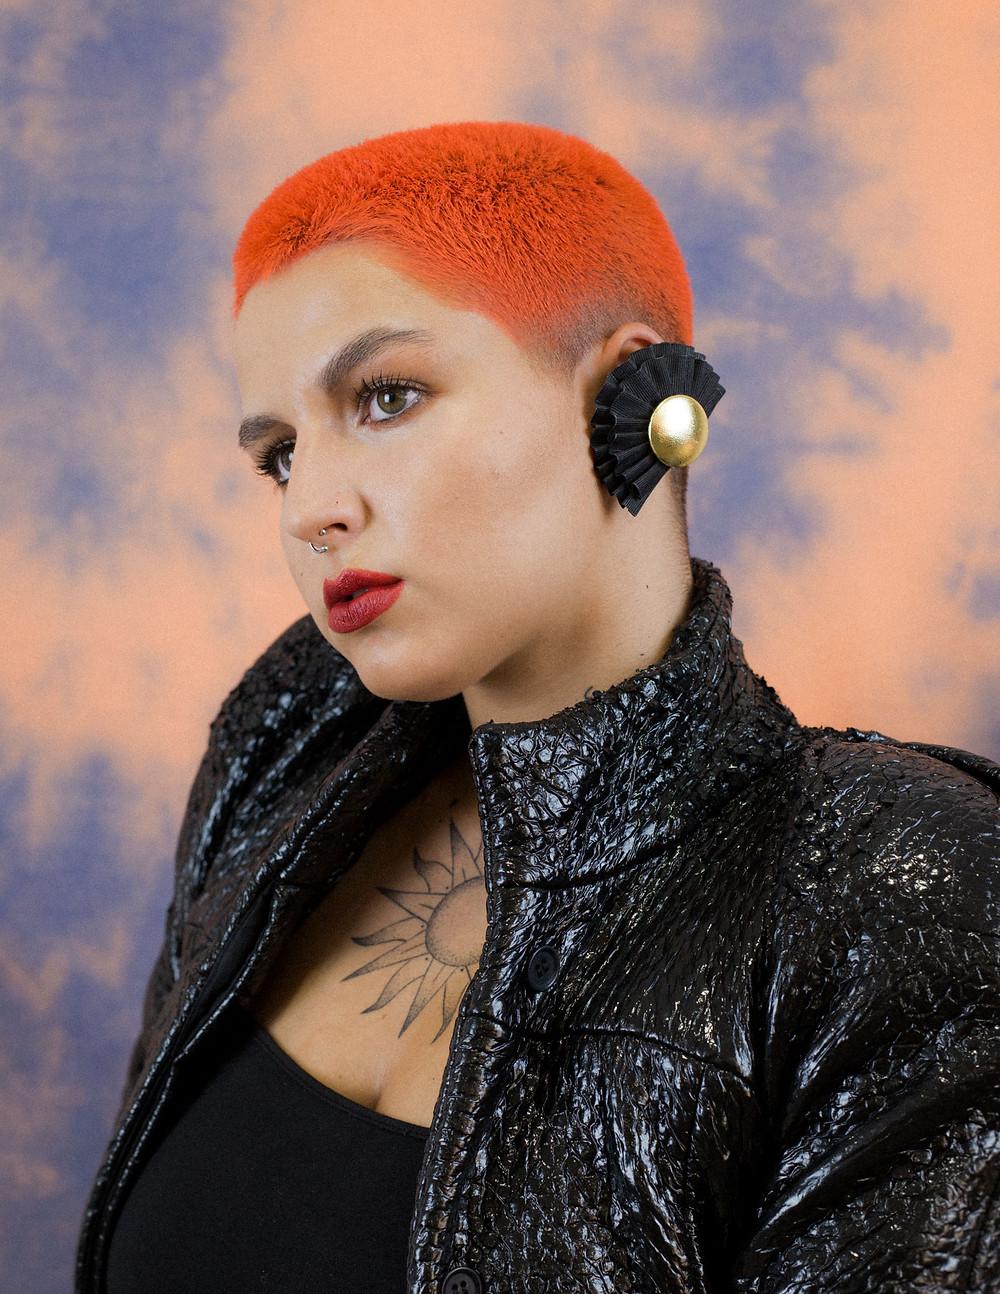 tendencias-ochentas-pelo-naranja-sarah-kceres-atelier